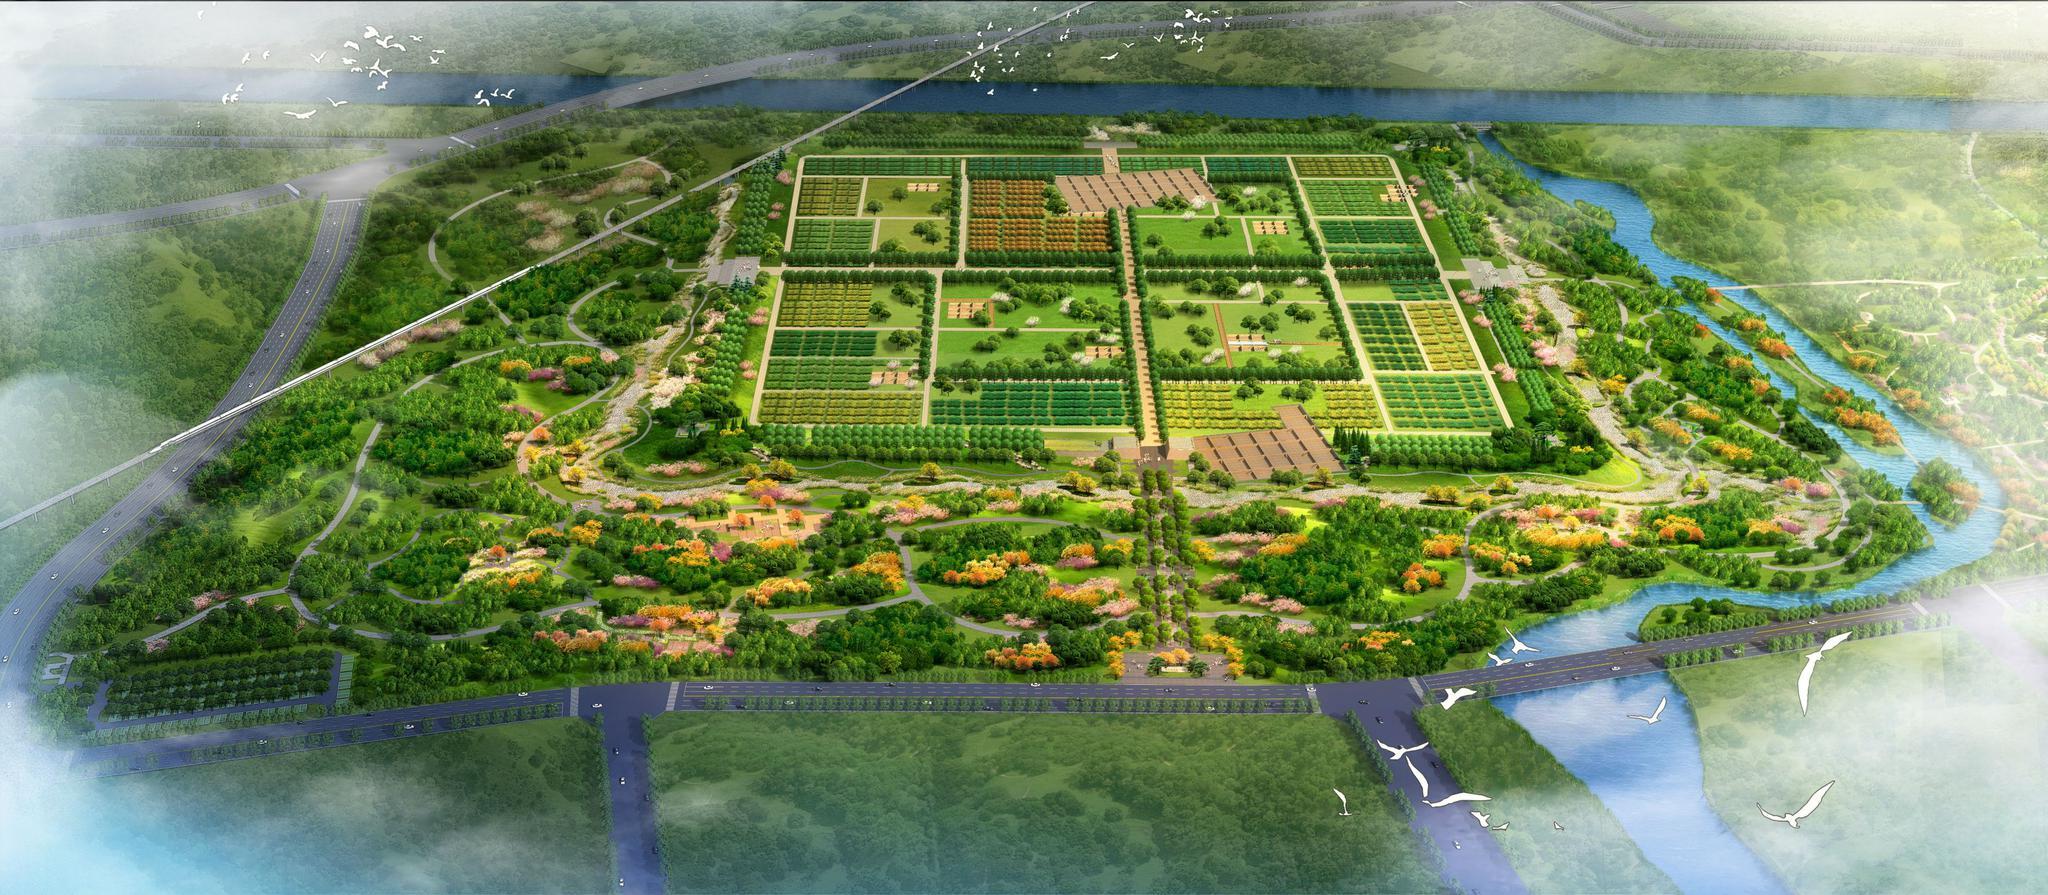 路县故城遗址公园启动区现雏形,将带来沉浸式考古体验